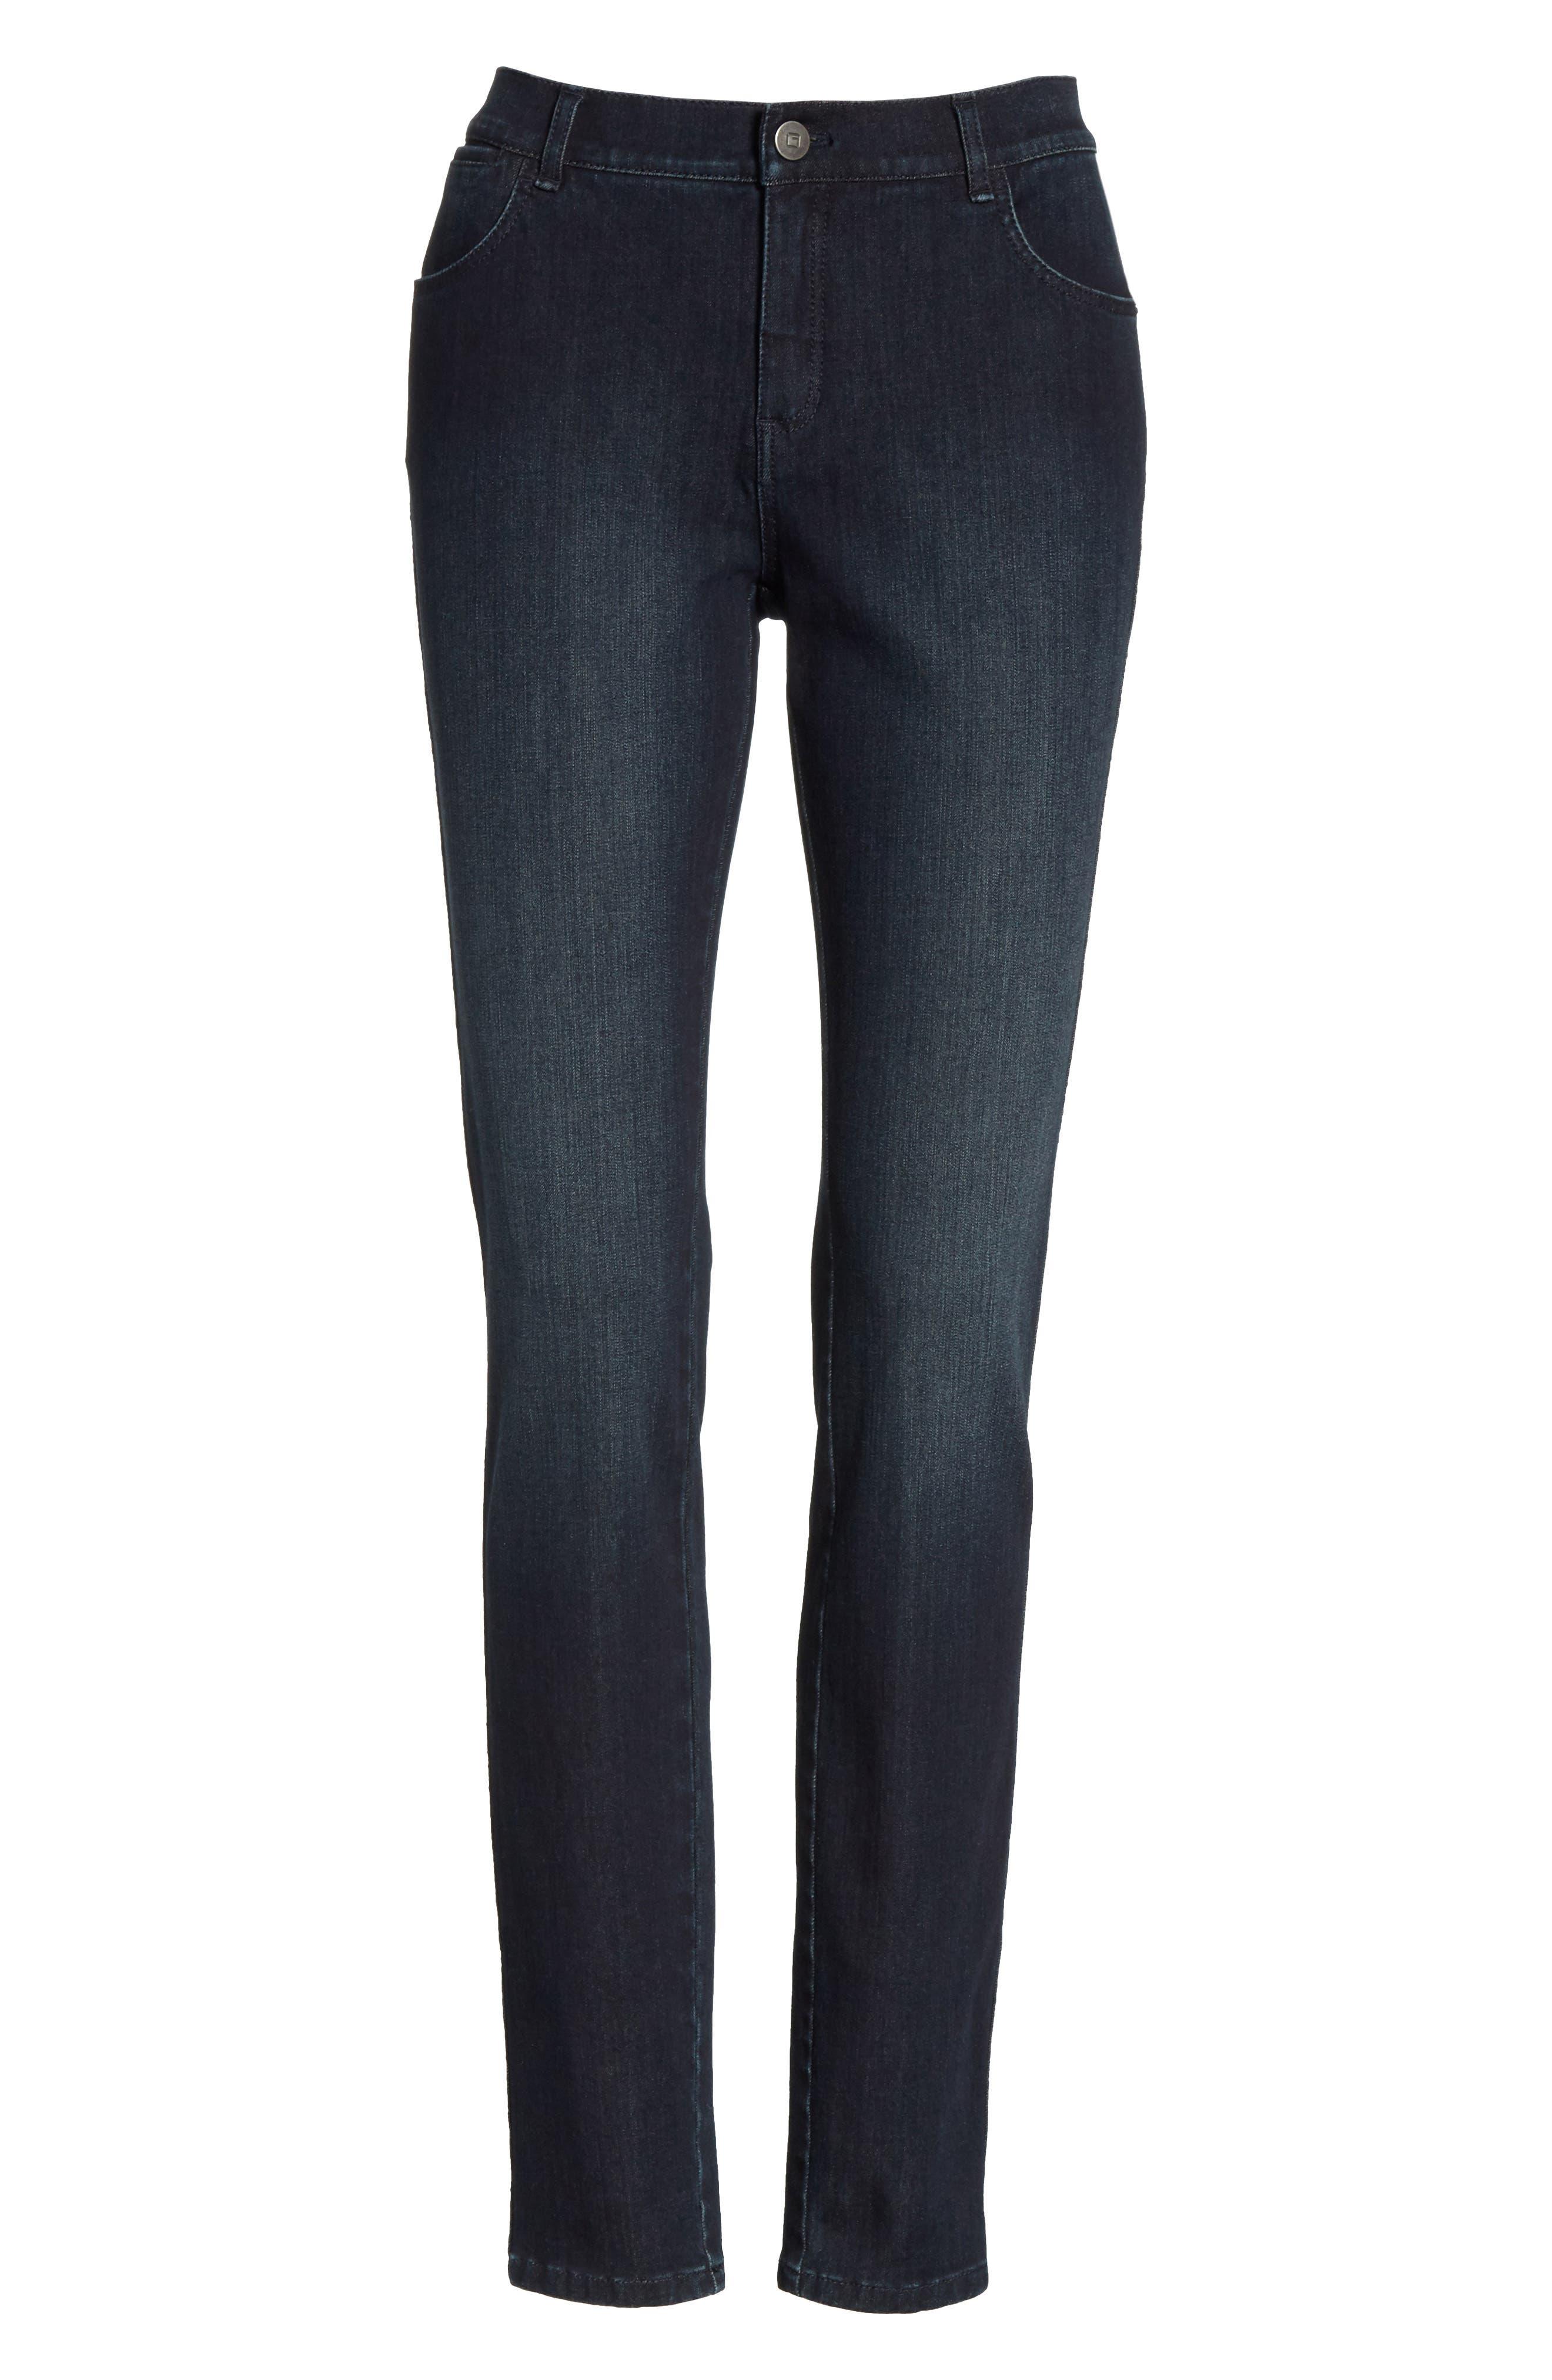 Mercer Skinny Jeans,                             Alternate thumbnail 7, color,                             Indigo